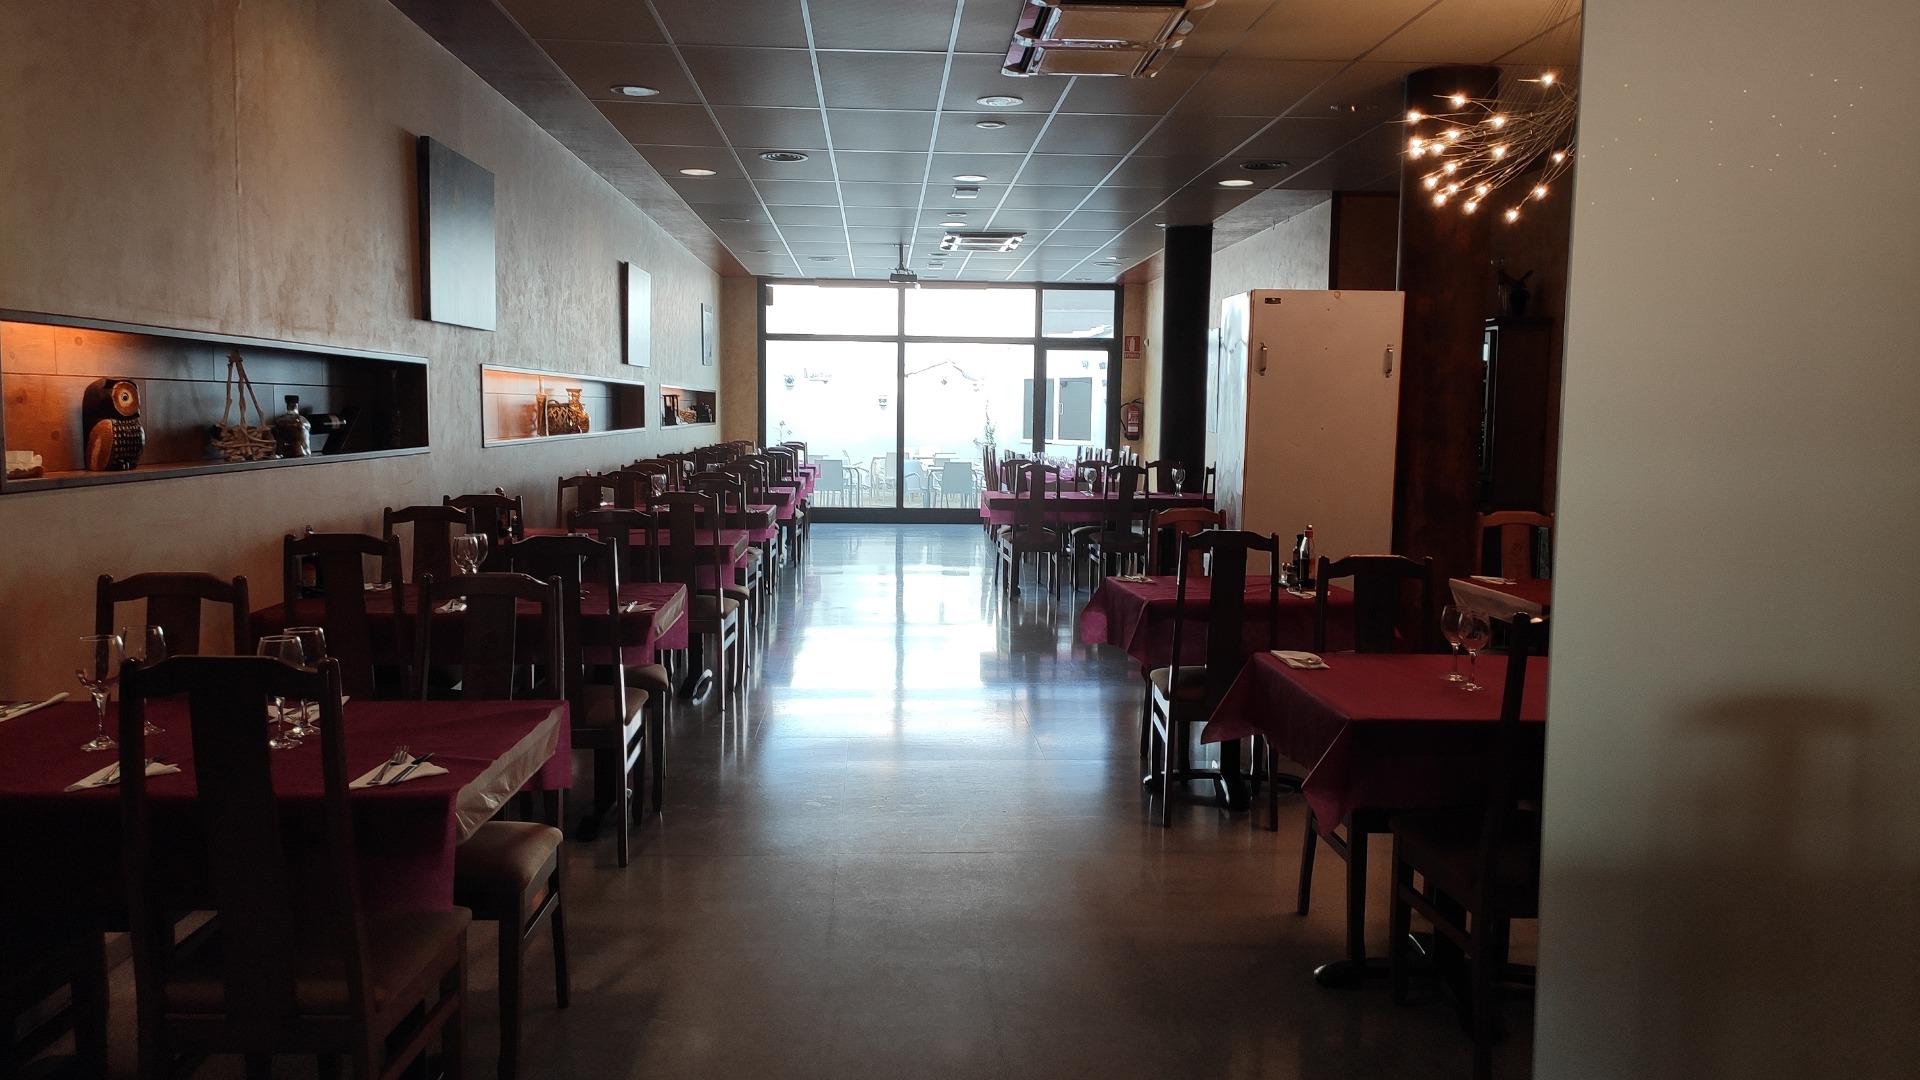 Affitto Locale commerciale  Les borges blanques. Gran oportunitat, es traspassa amb opció de compra bar - restaur